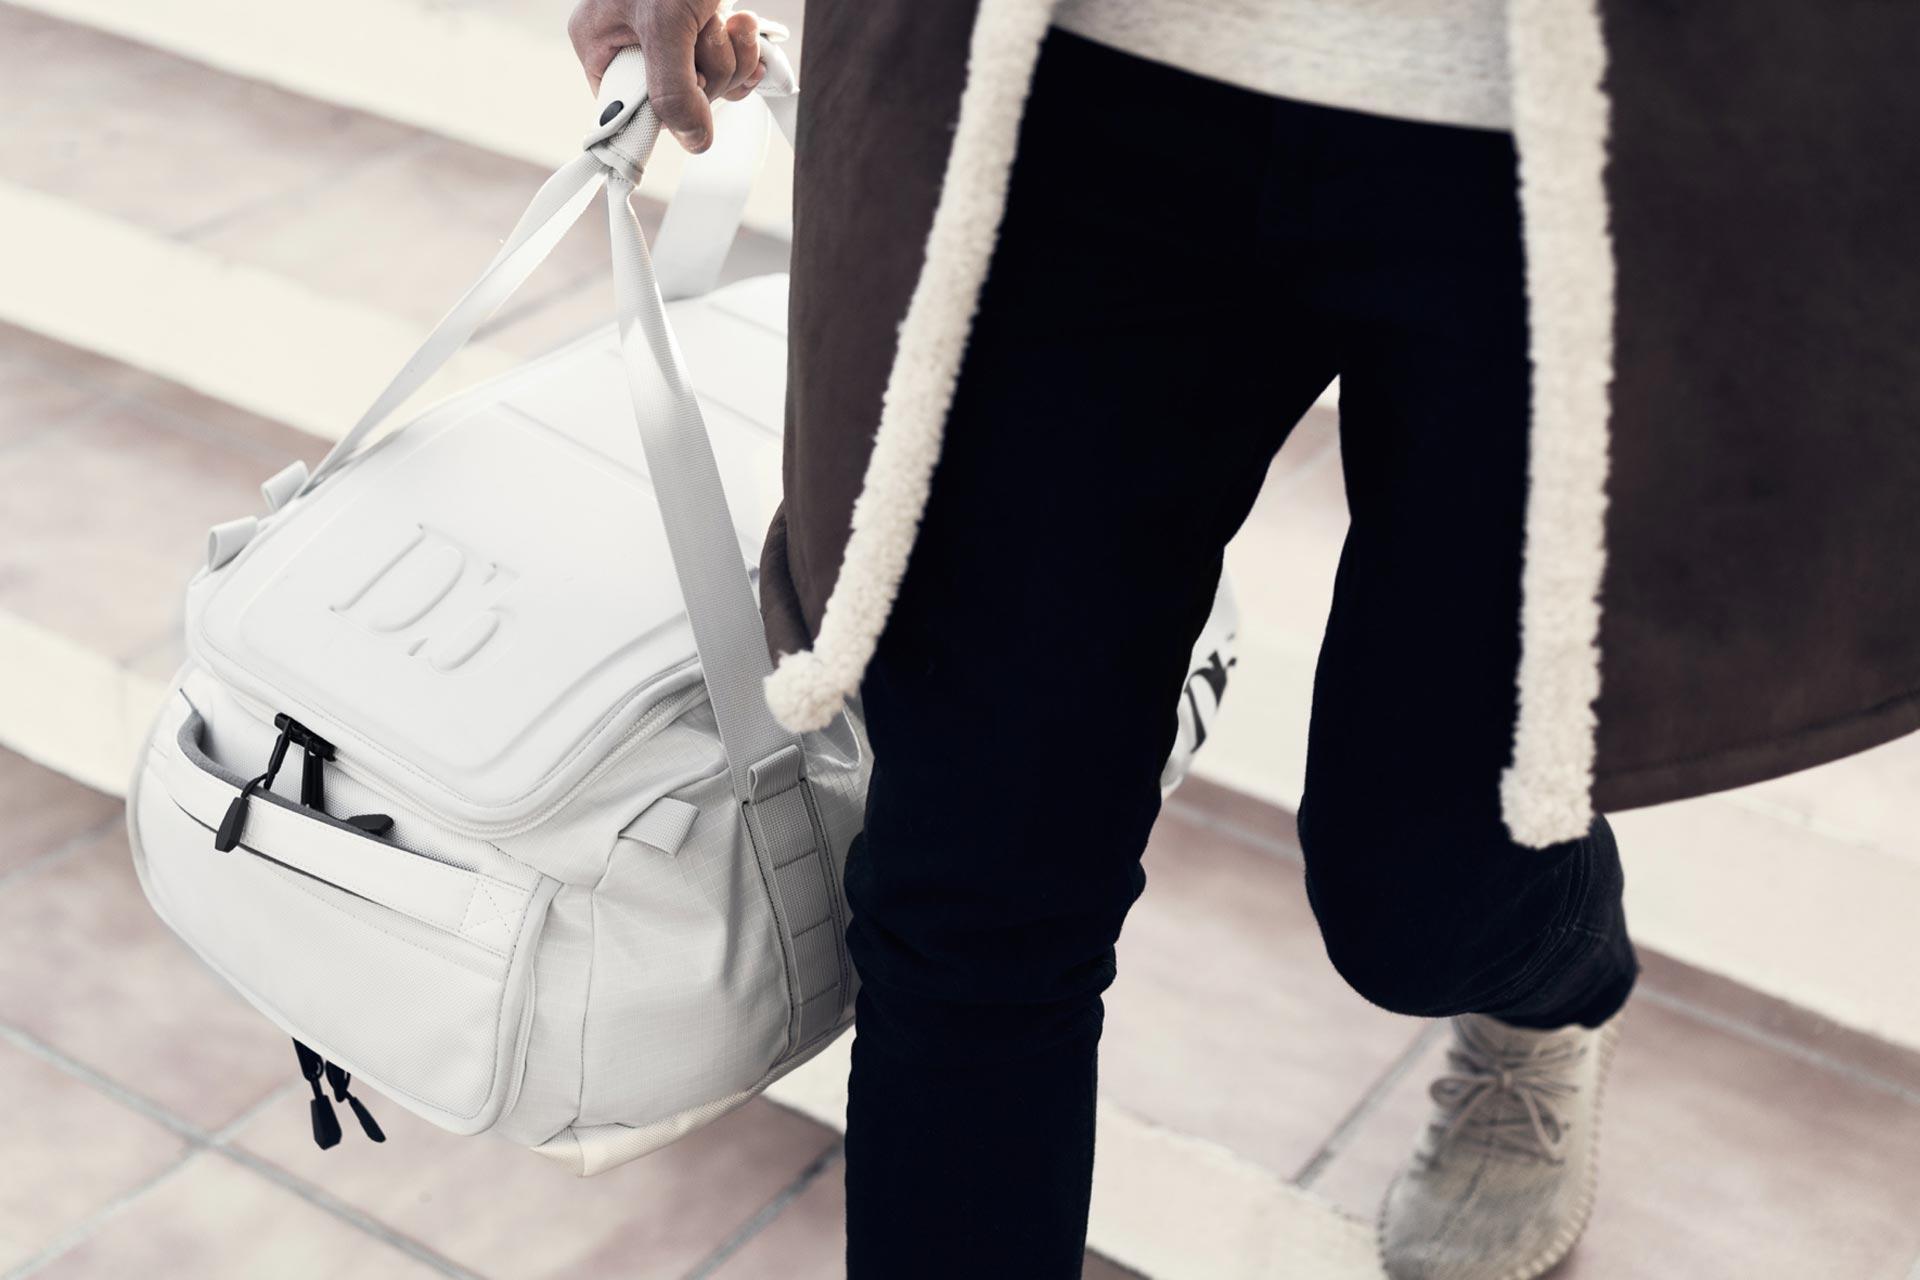 Der neue douchebags Carryall Duffle Bag